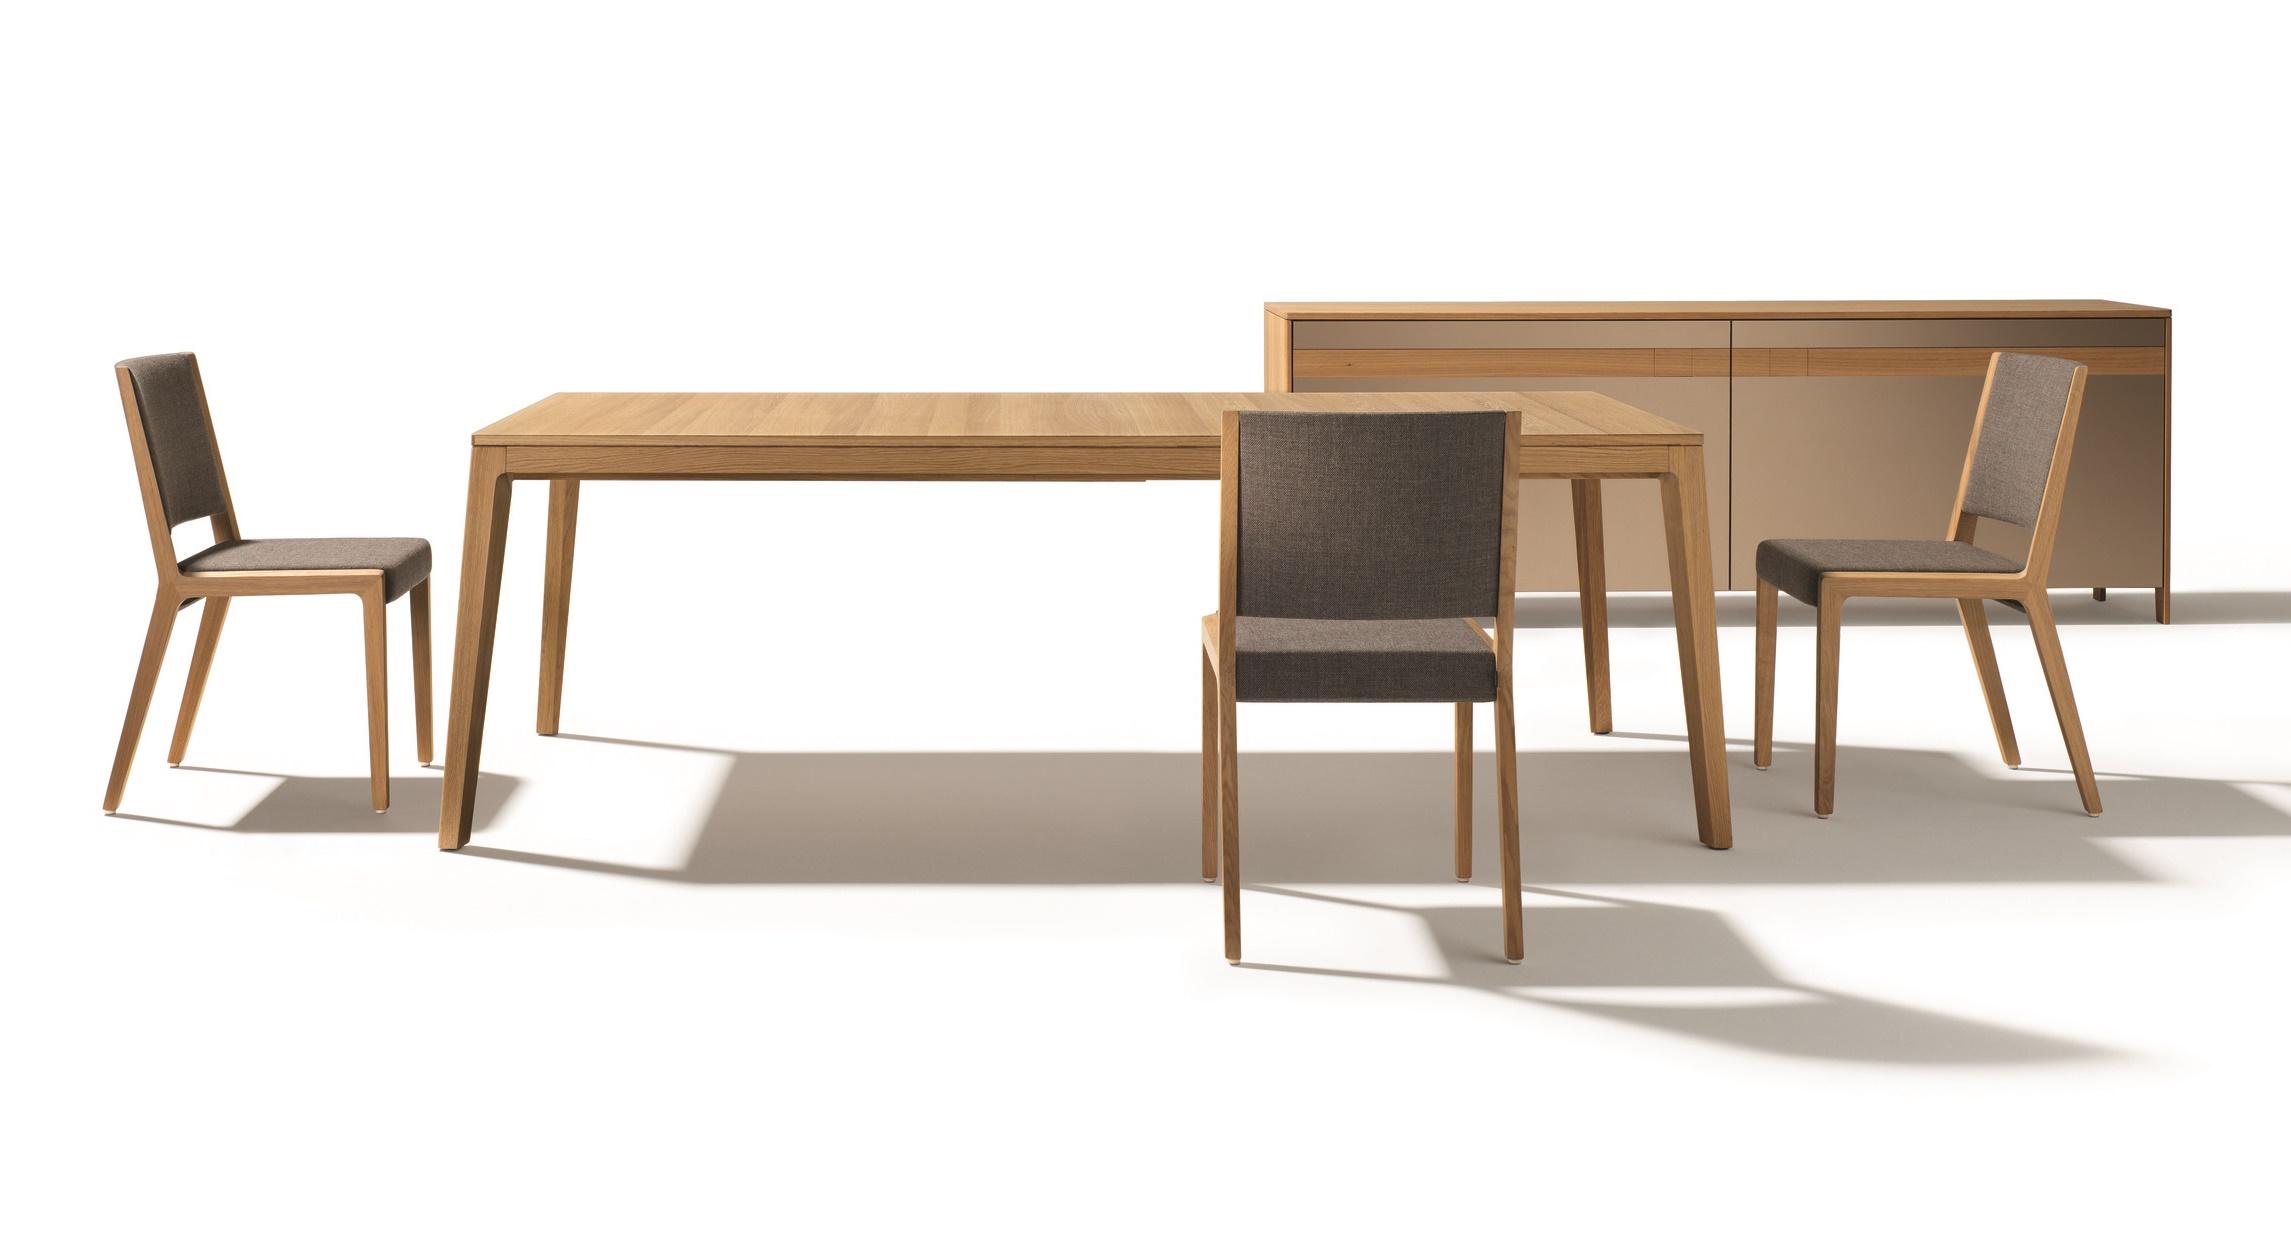 Speisen TEAM 7 mylon Tisch EI Stühle+Sidebord 17